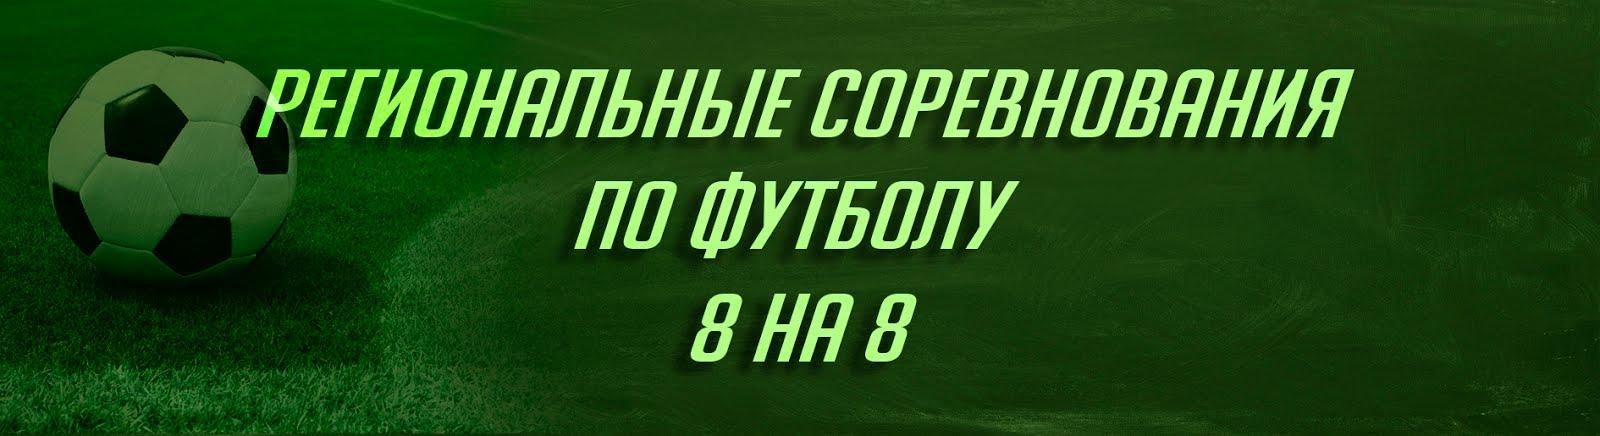 Футбол 8 на 8